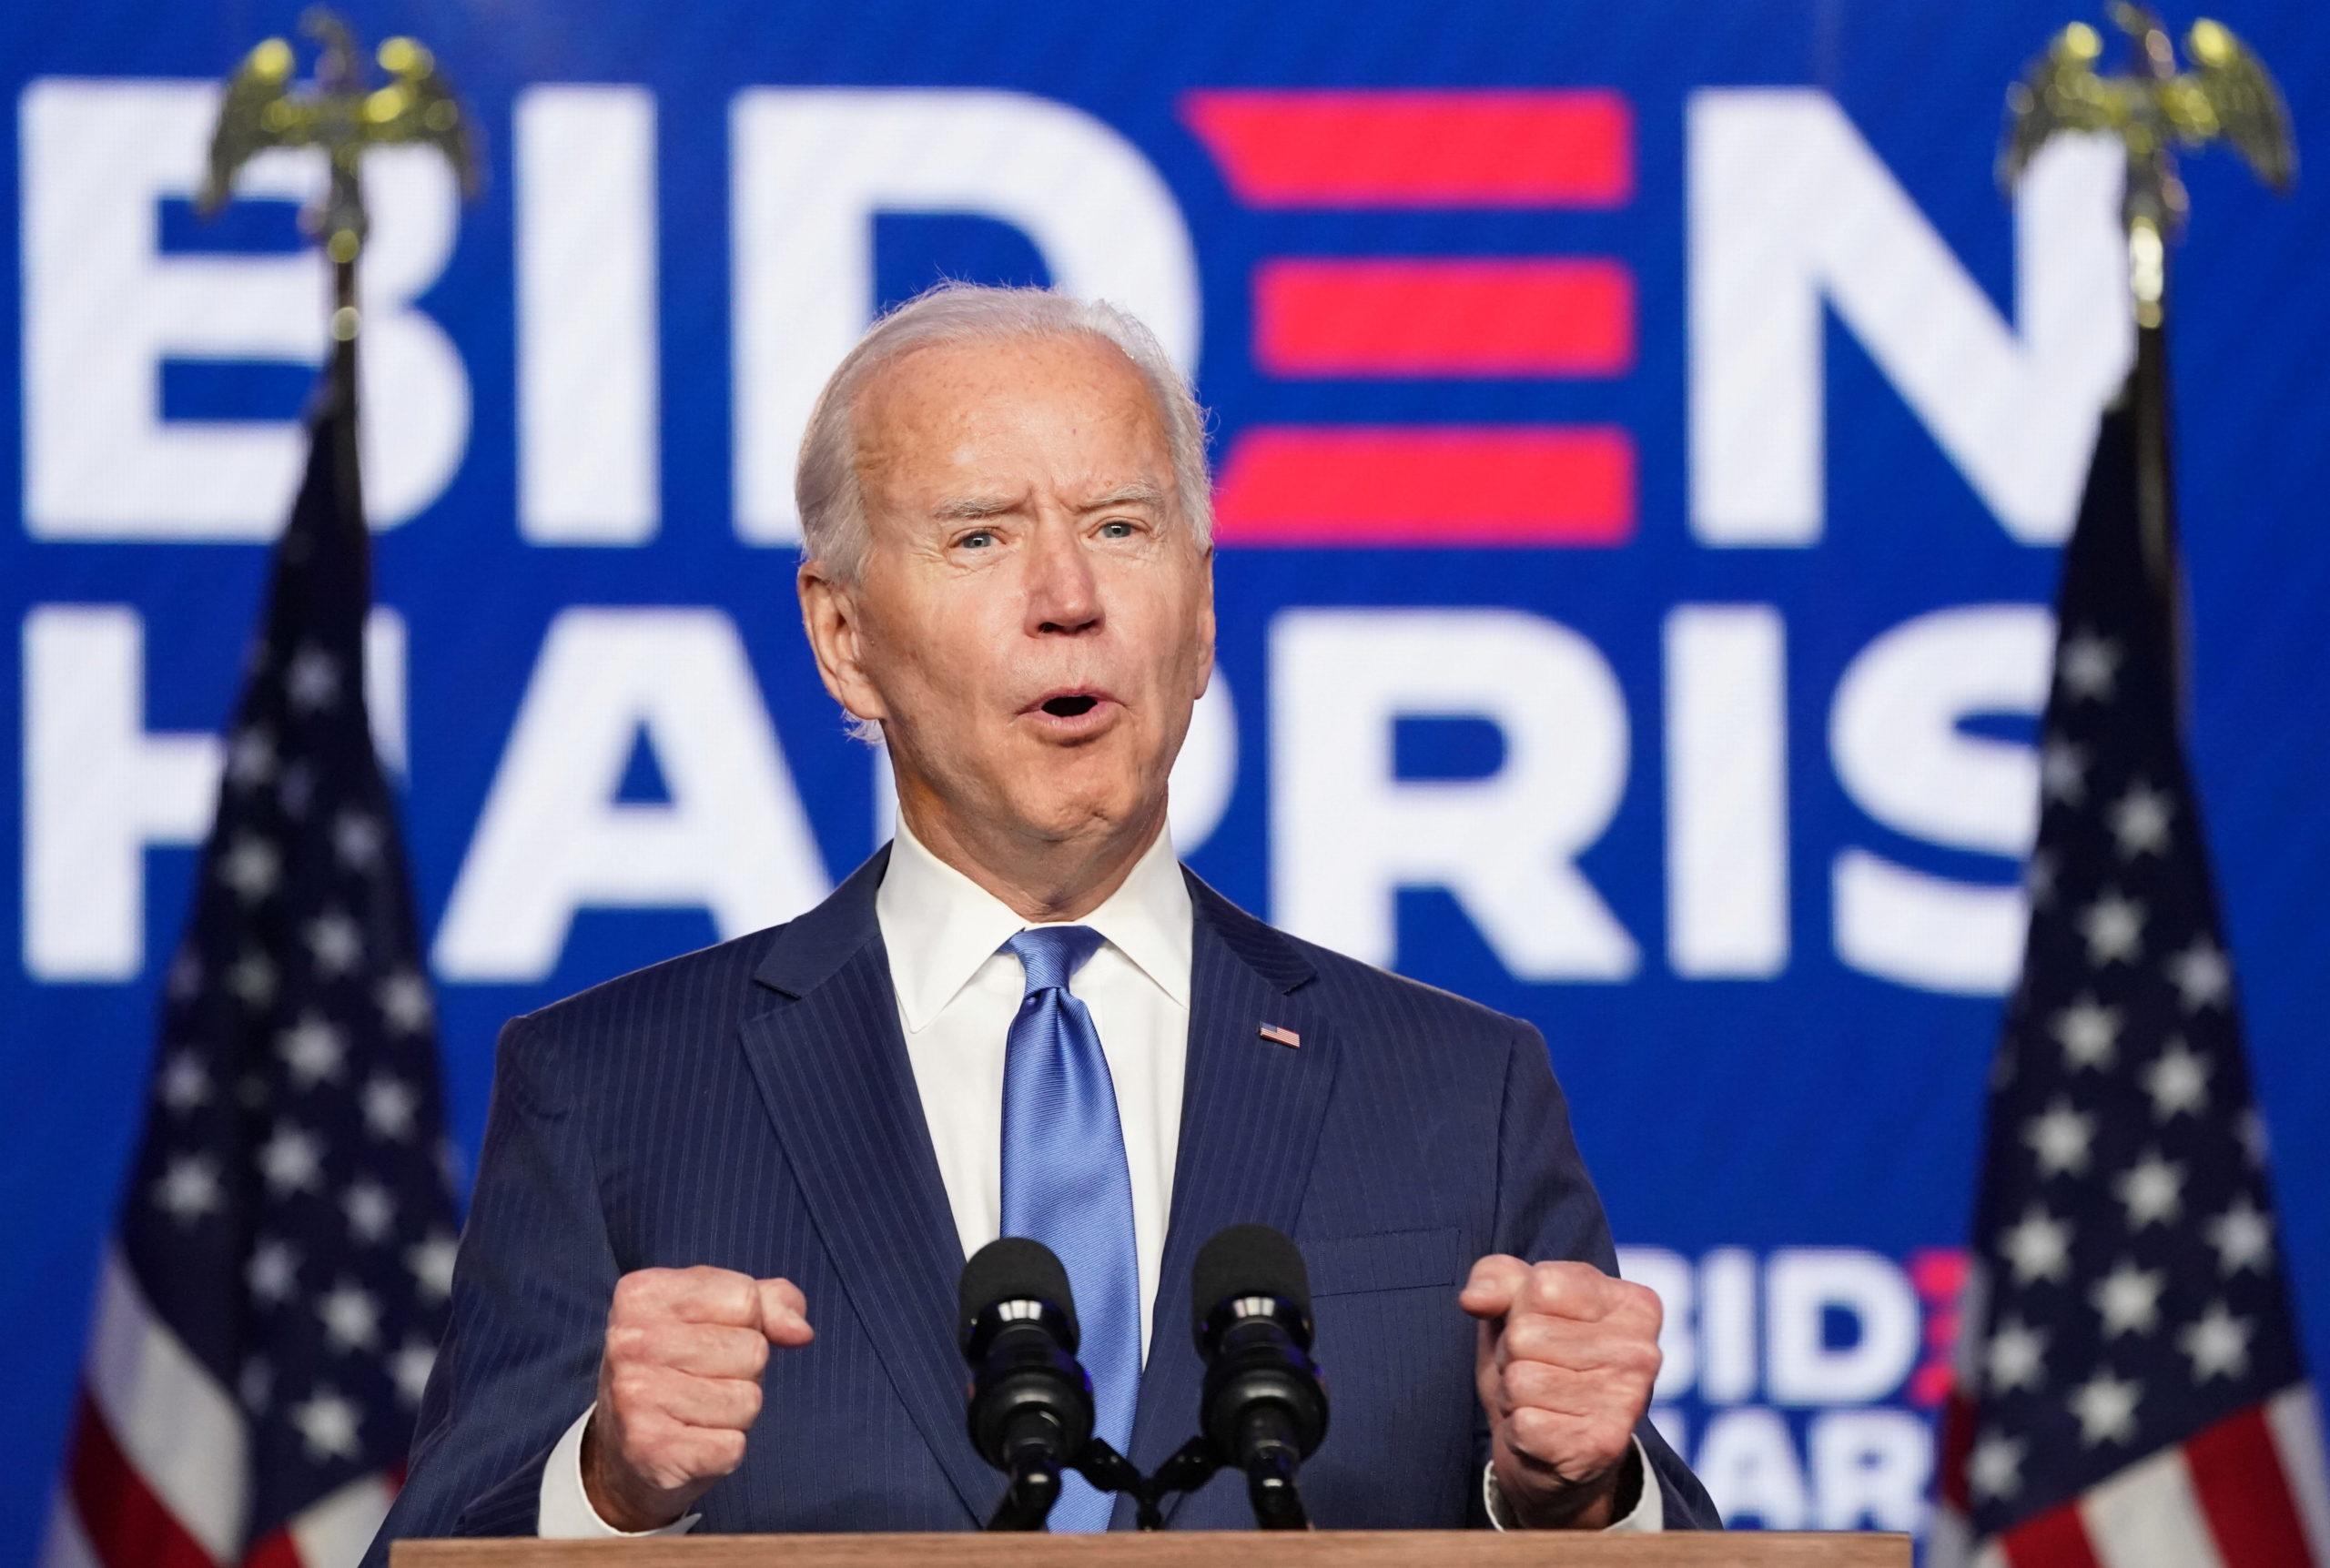 Joe Biden élu président des Etats-Unis, annoncent les médias US